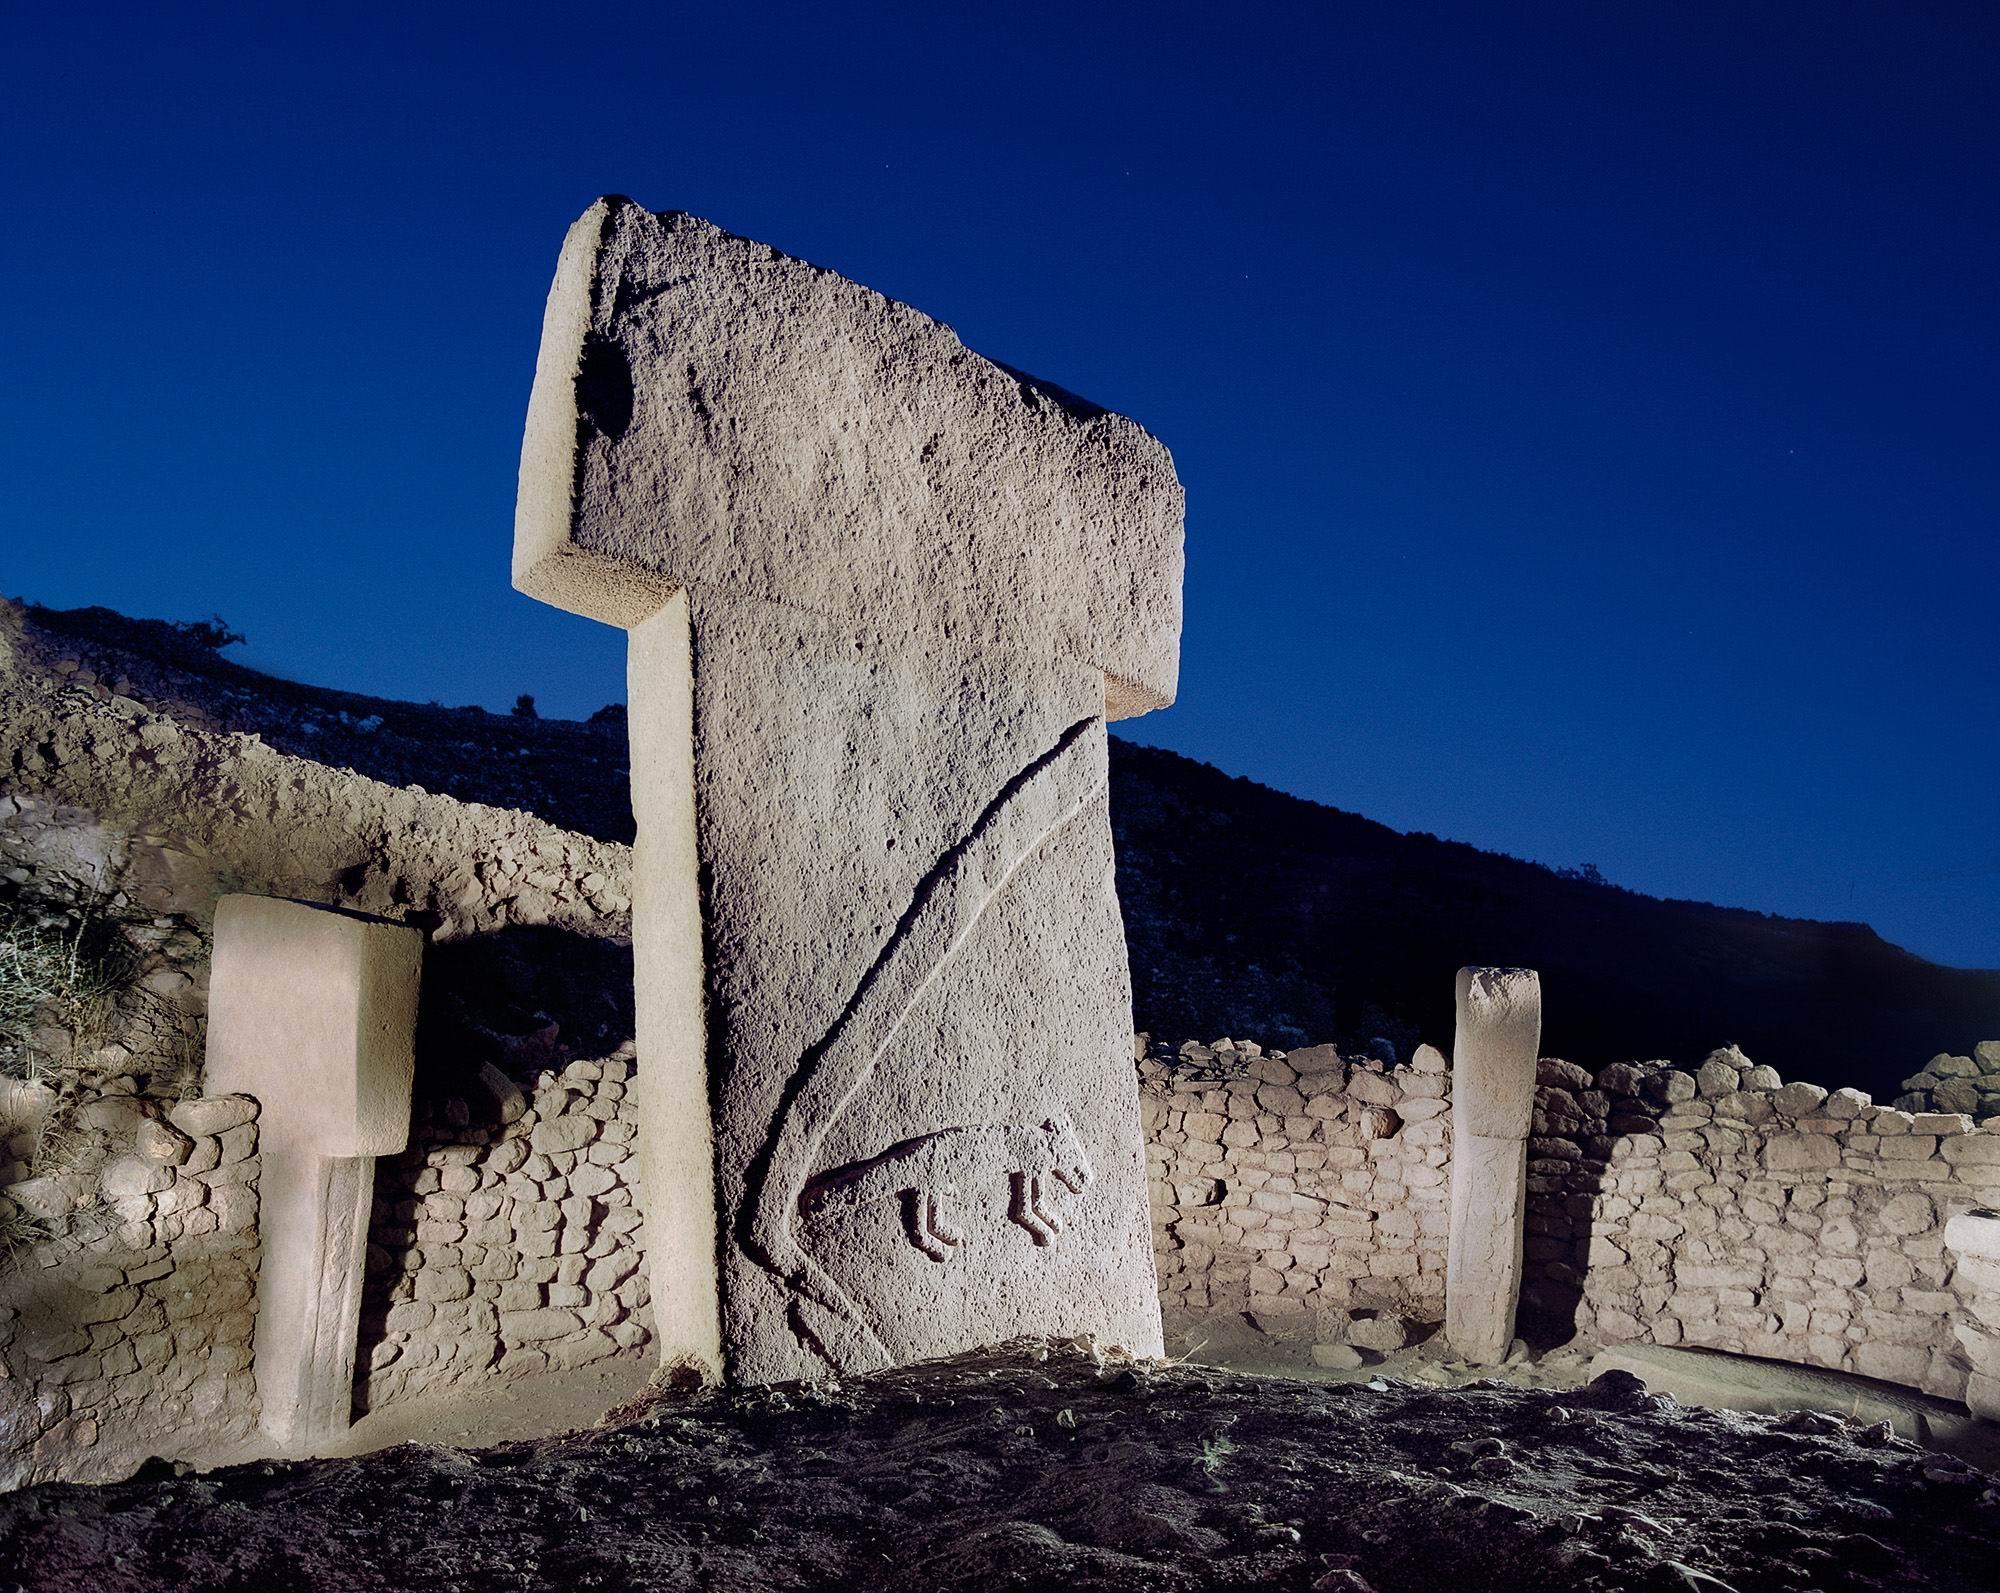 Şanlıurfa'da Tarih Yeniden Canlanıyor Projesi